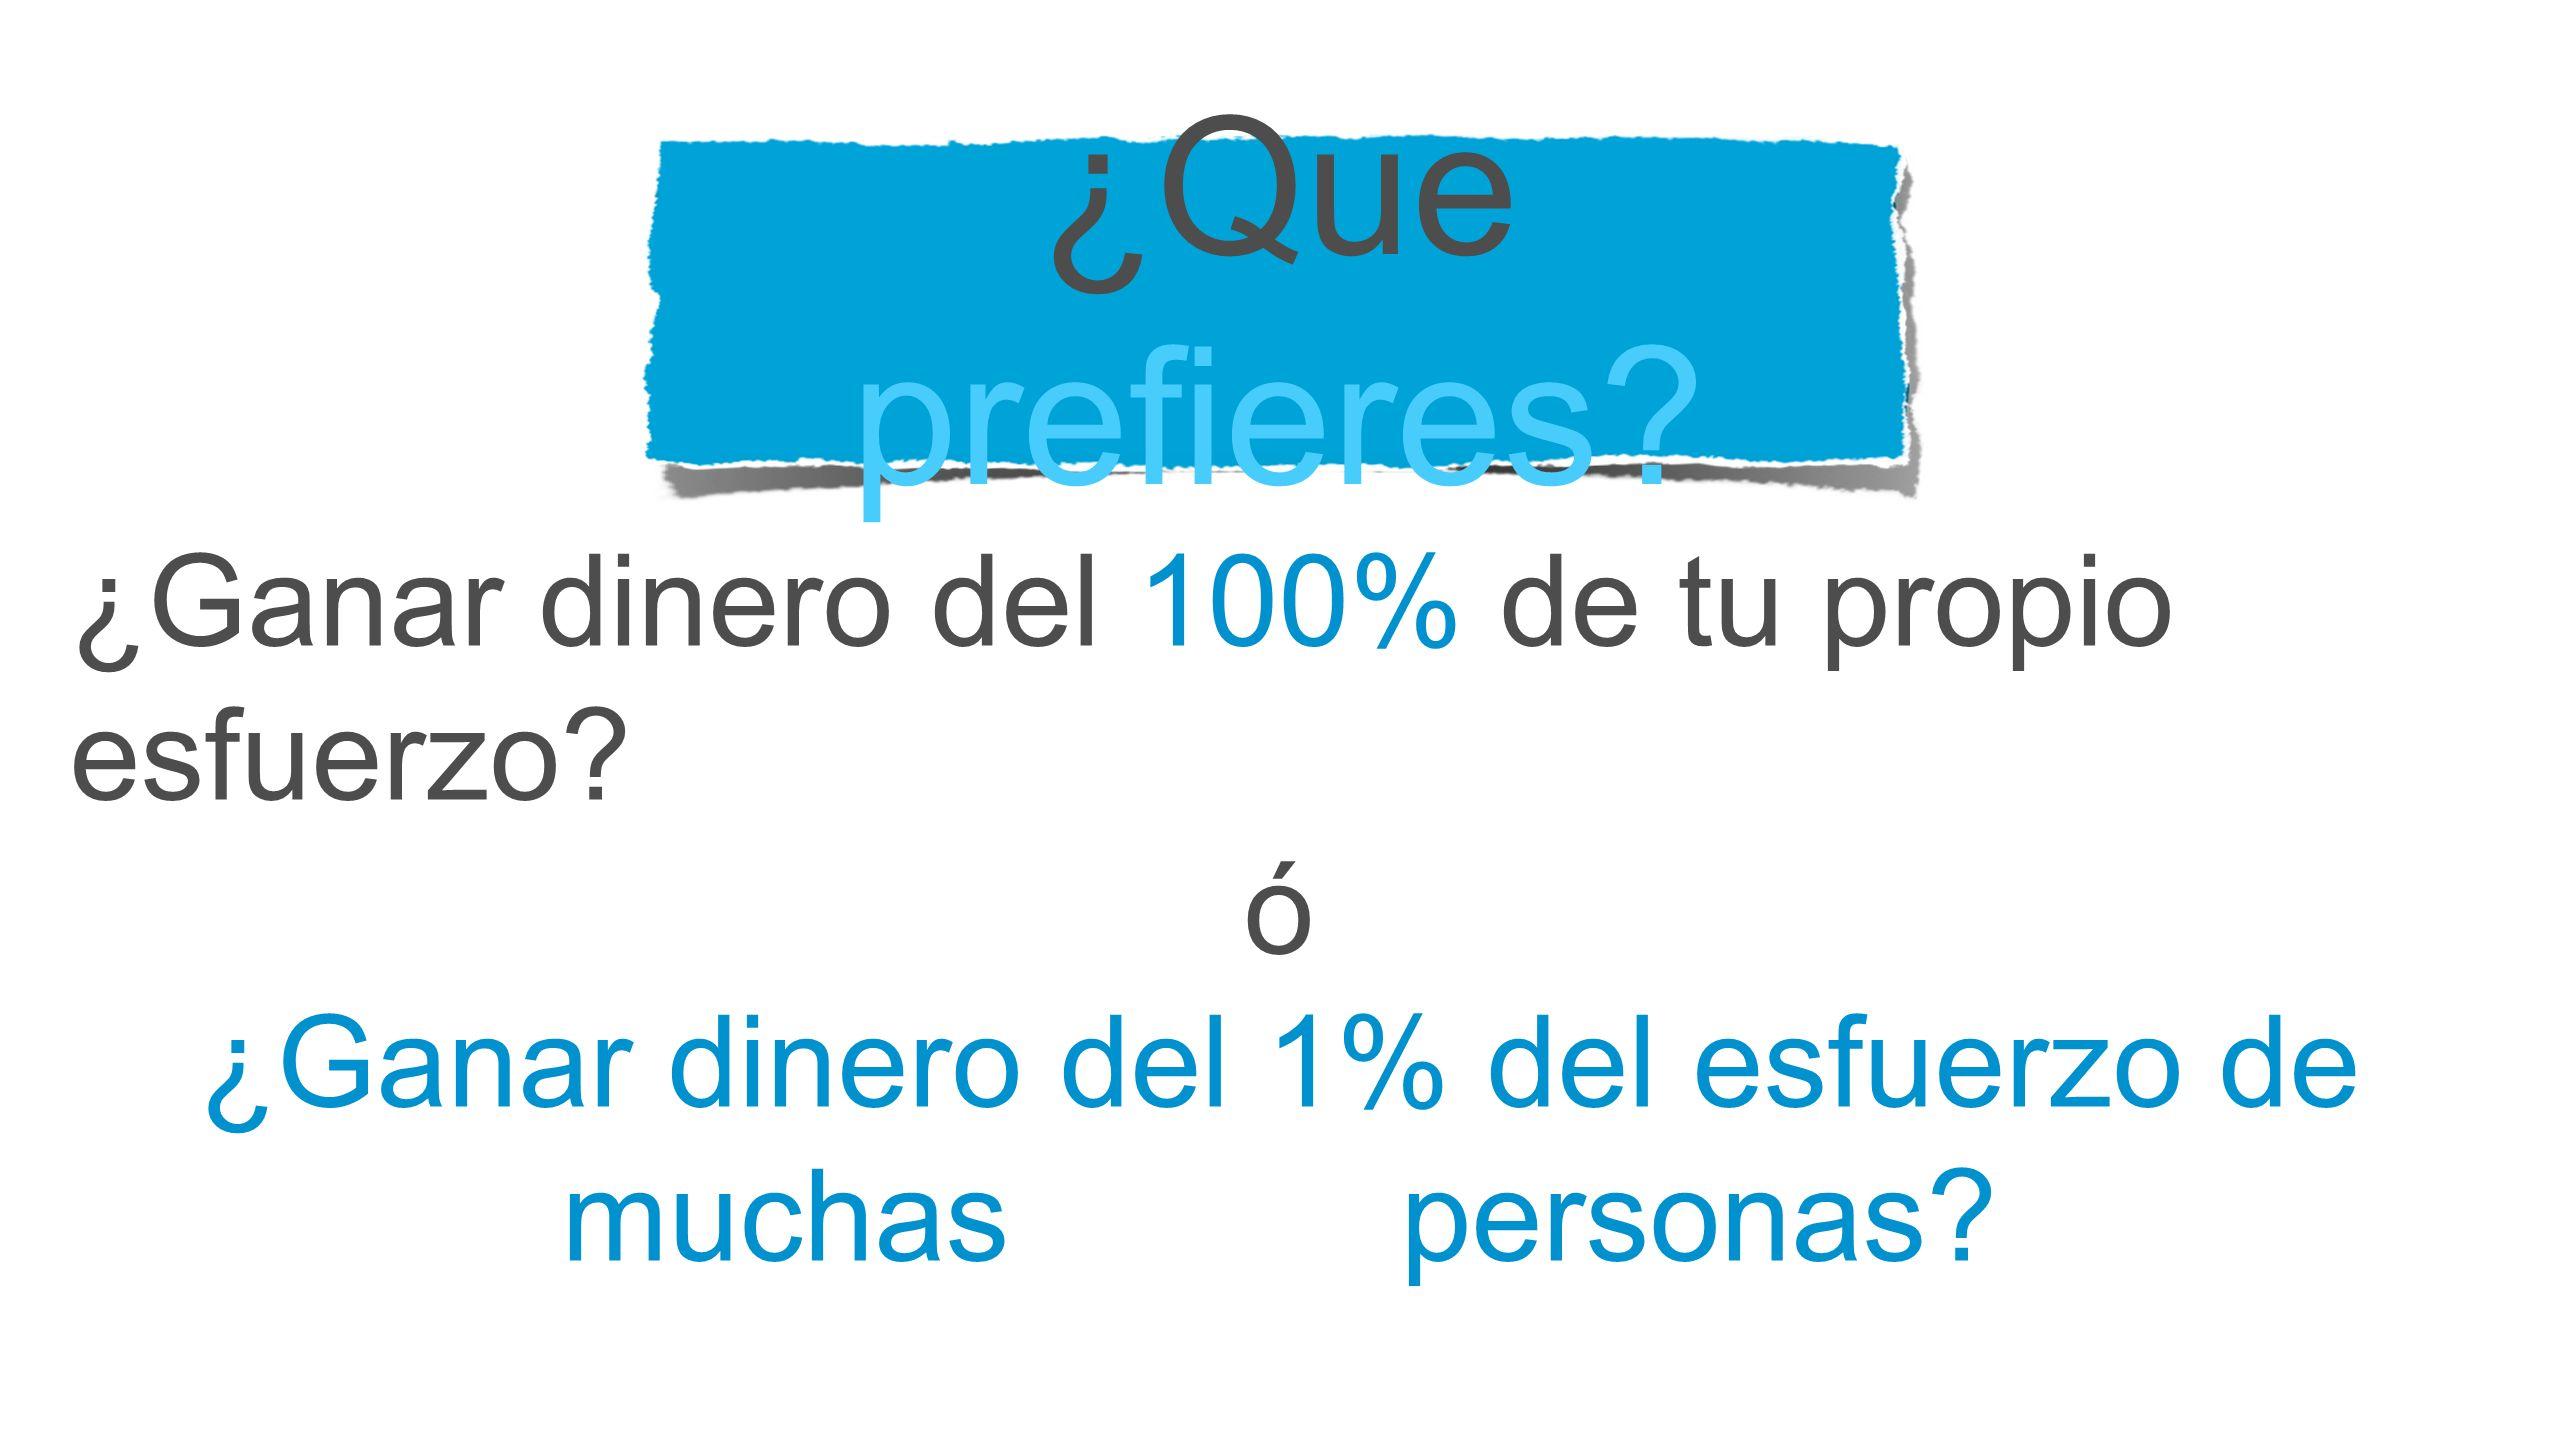 ¿Que prefieres? ¿Ganar dinero del 100% de tu propio esfuerzo? ó ¿Ganar dinero del 1% del esfuerzo de muchas personas?